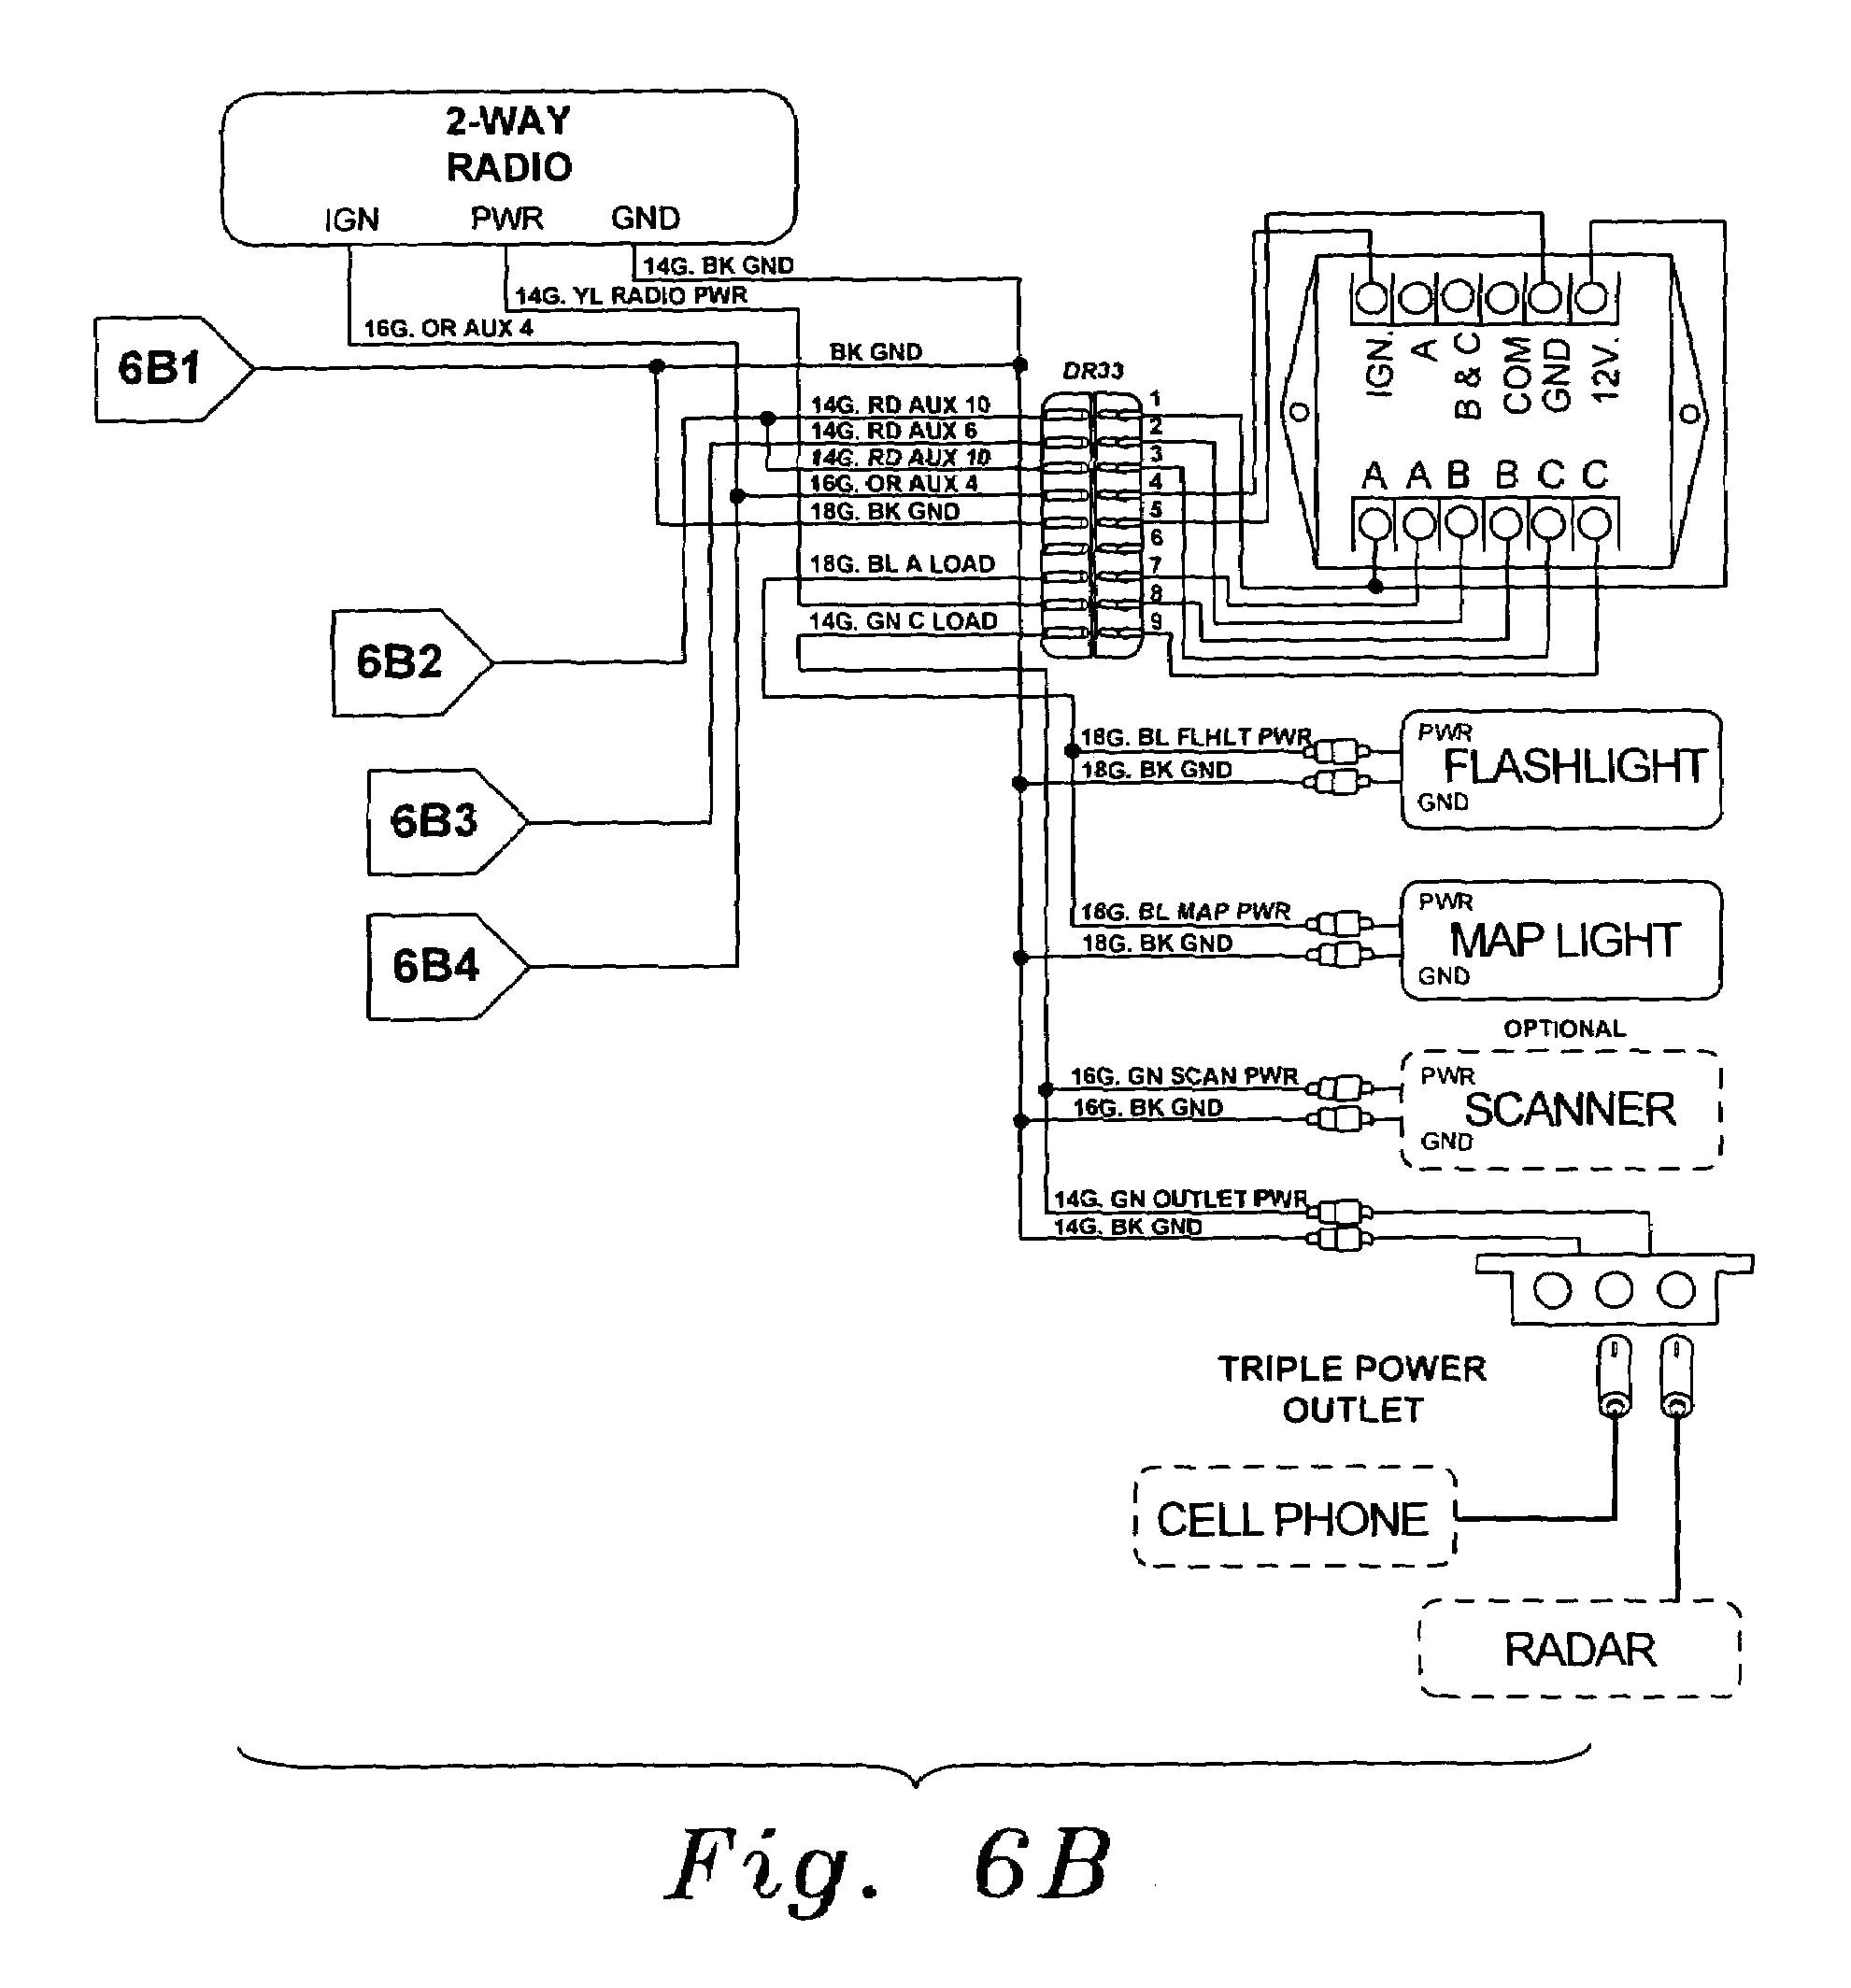 federal signal wiring diagram wiring diagram show federal siren wiring diagram data schematic diagram federal signal